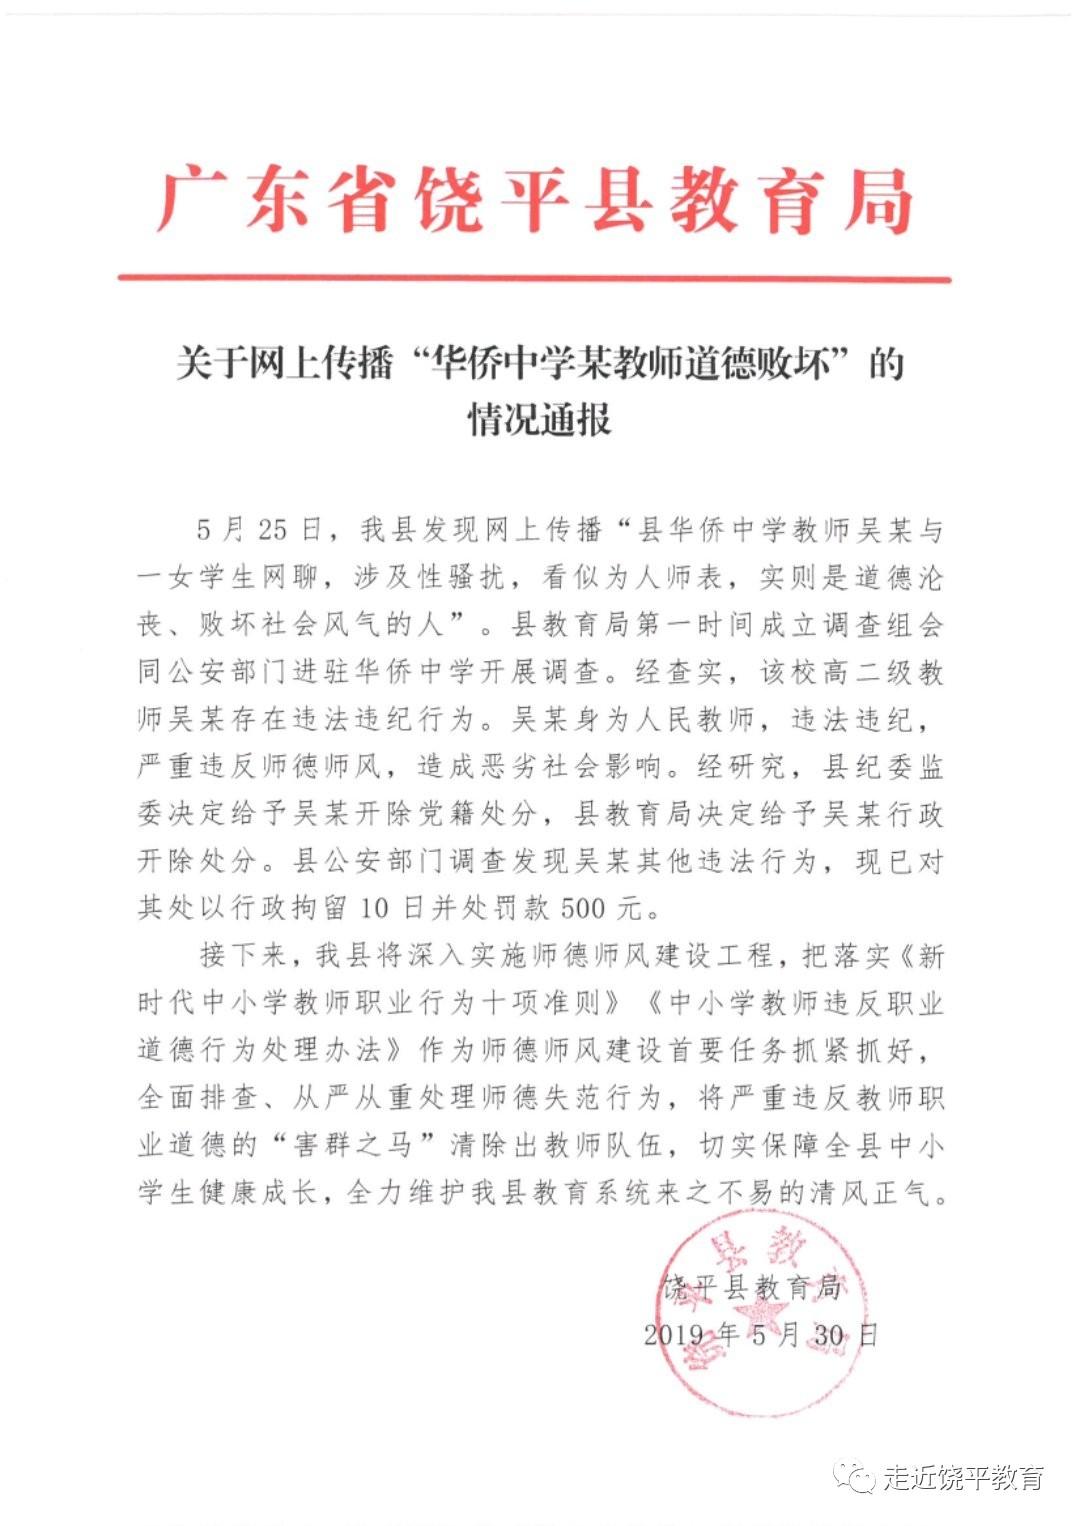 广东饶平县华侨中学教师被指性骚扰女生 官方:双开